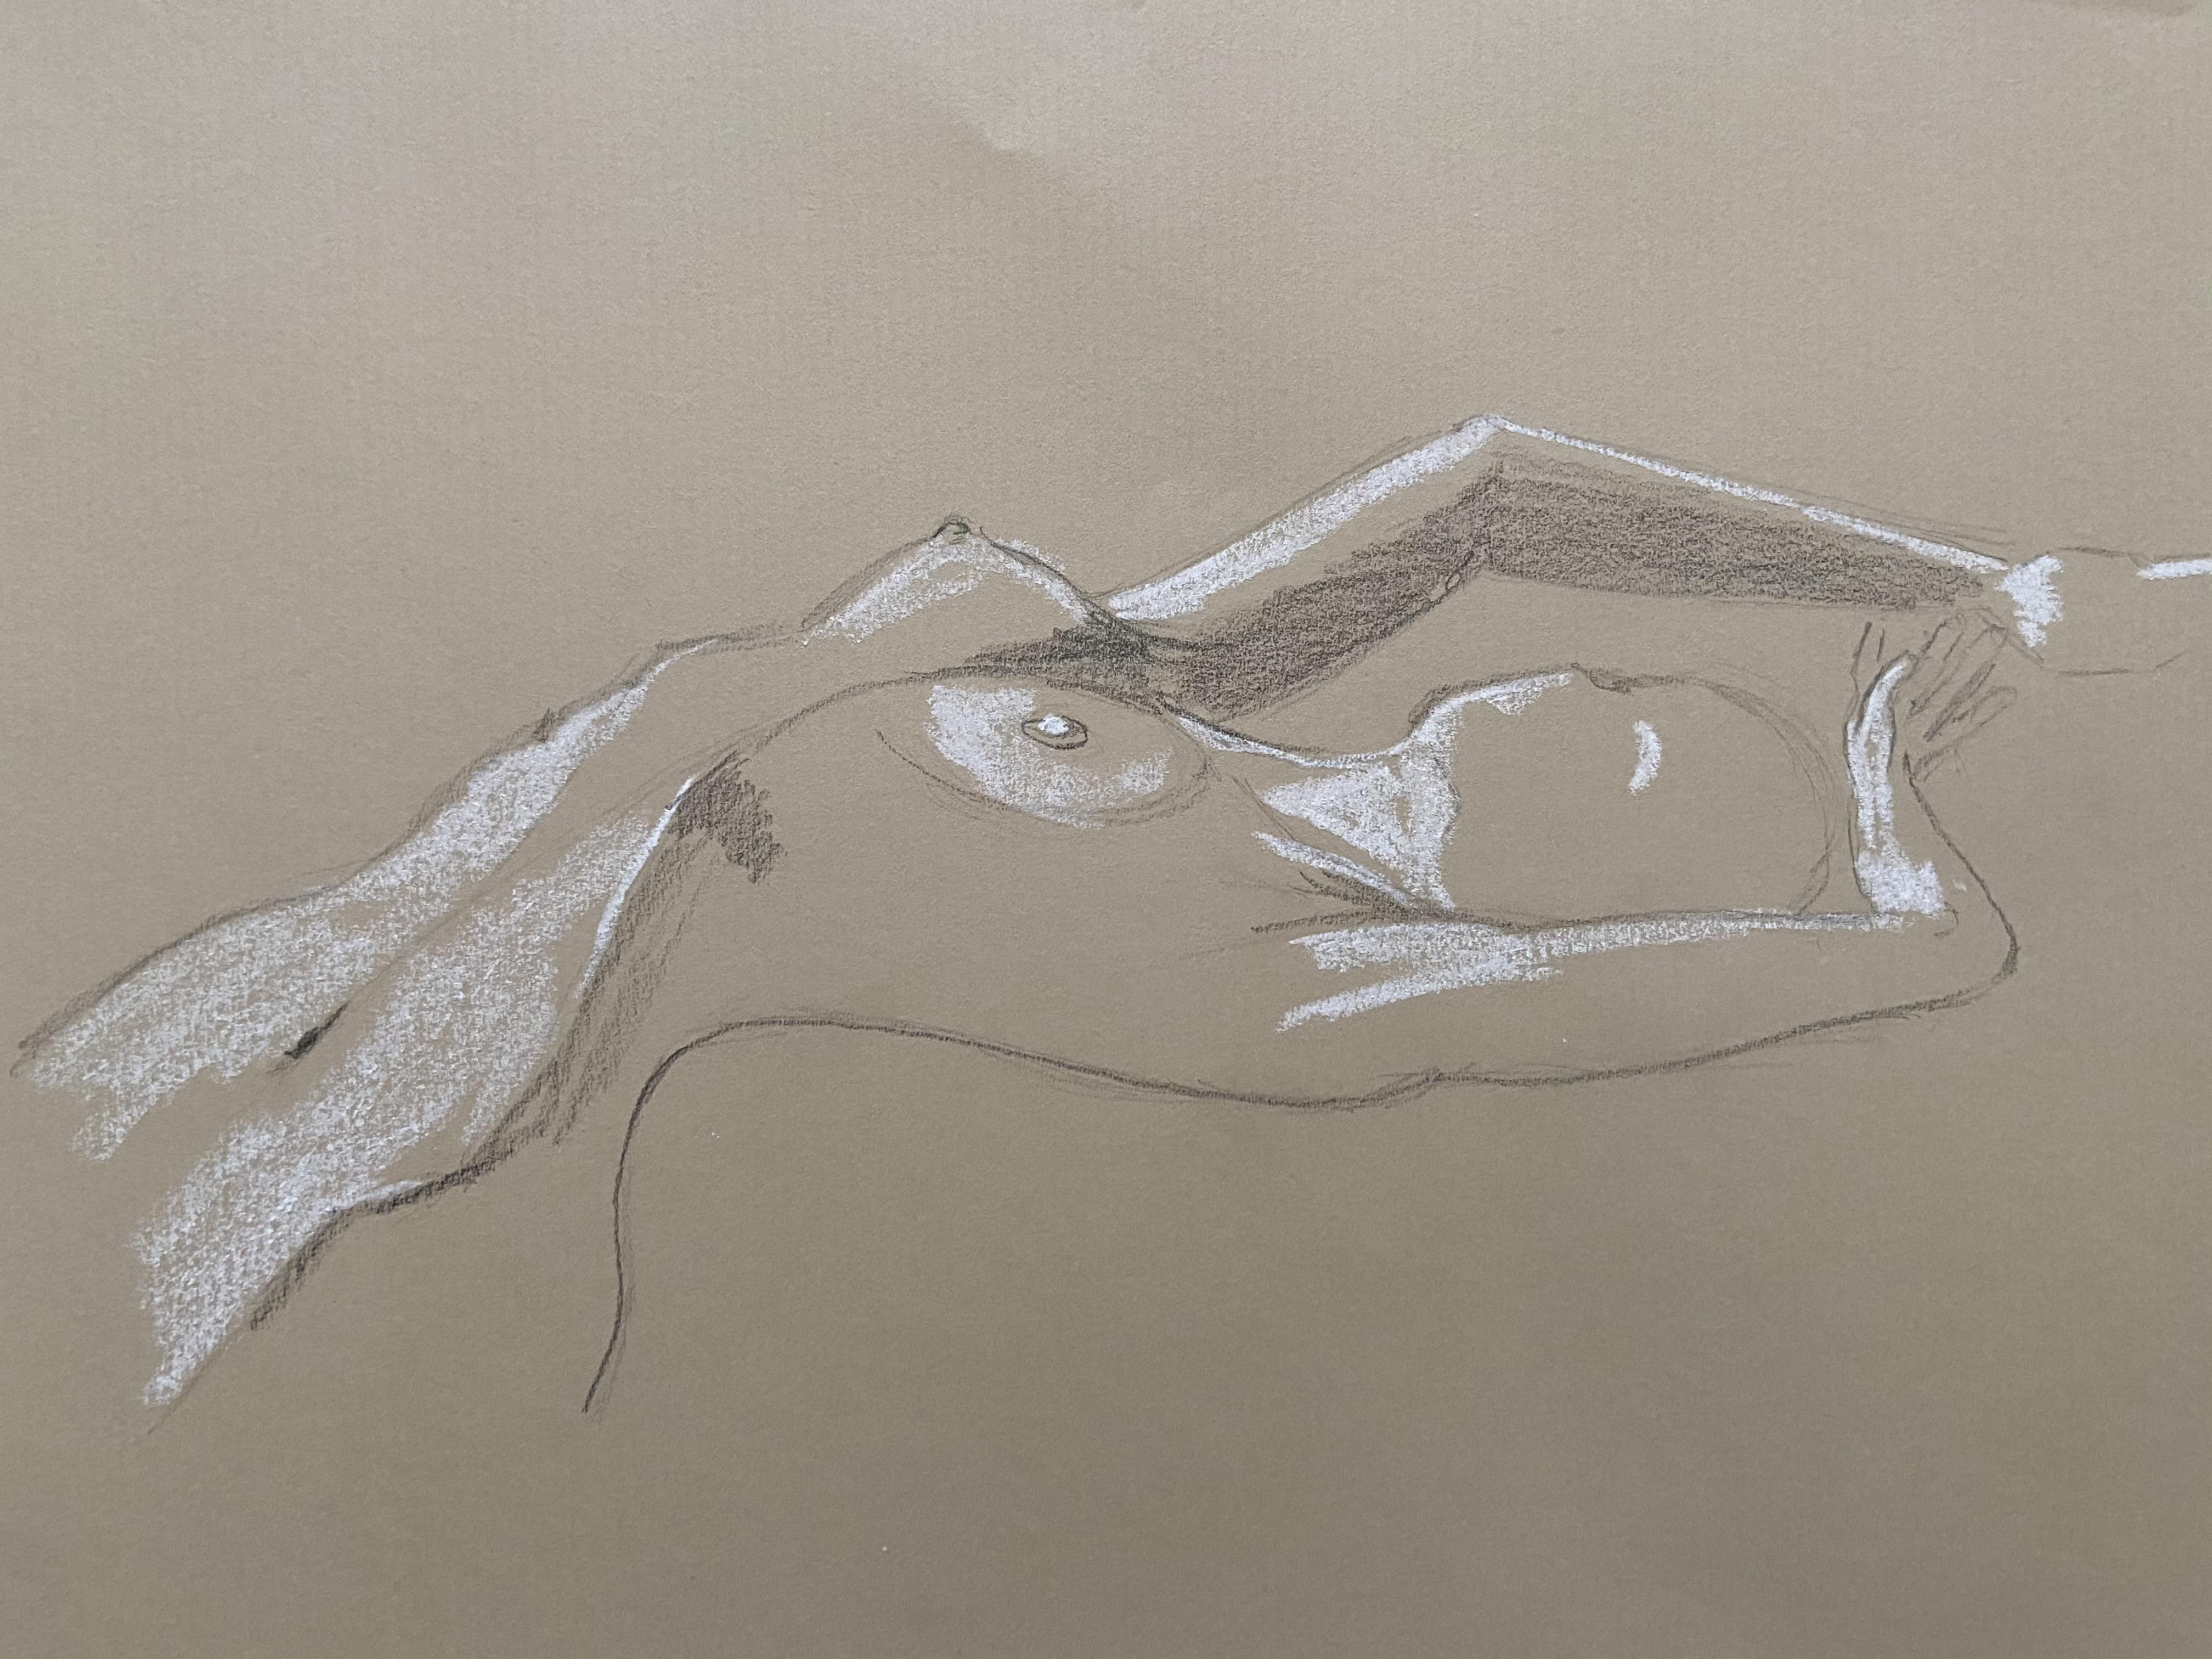 Dessin crayon papier craie blanche sur papier Kraft torsion mod�le vivant torse femme  cours de dessin